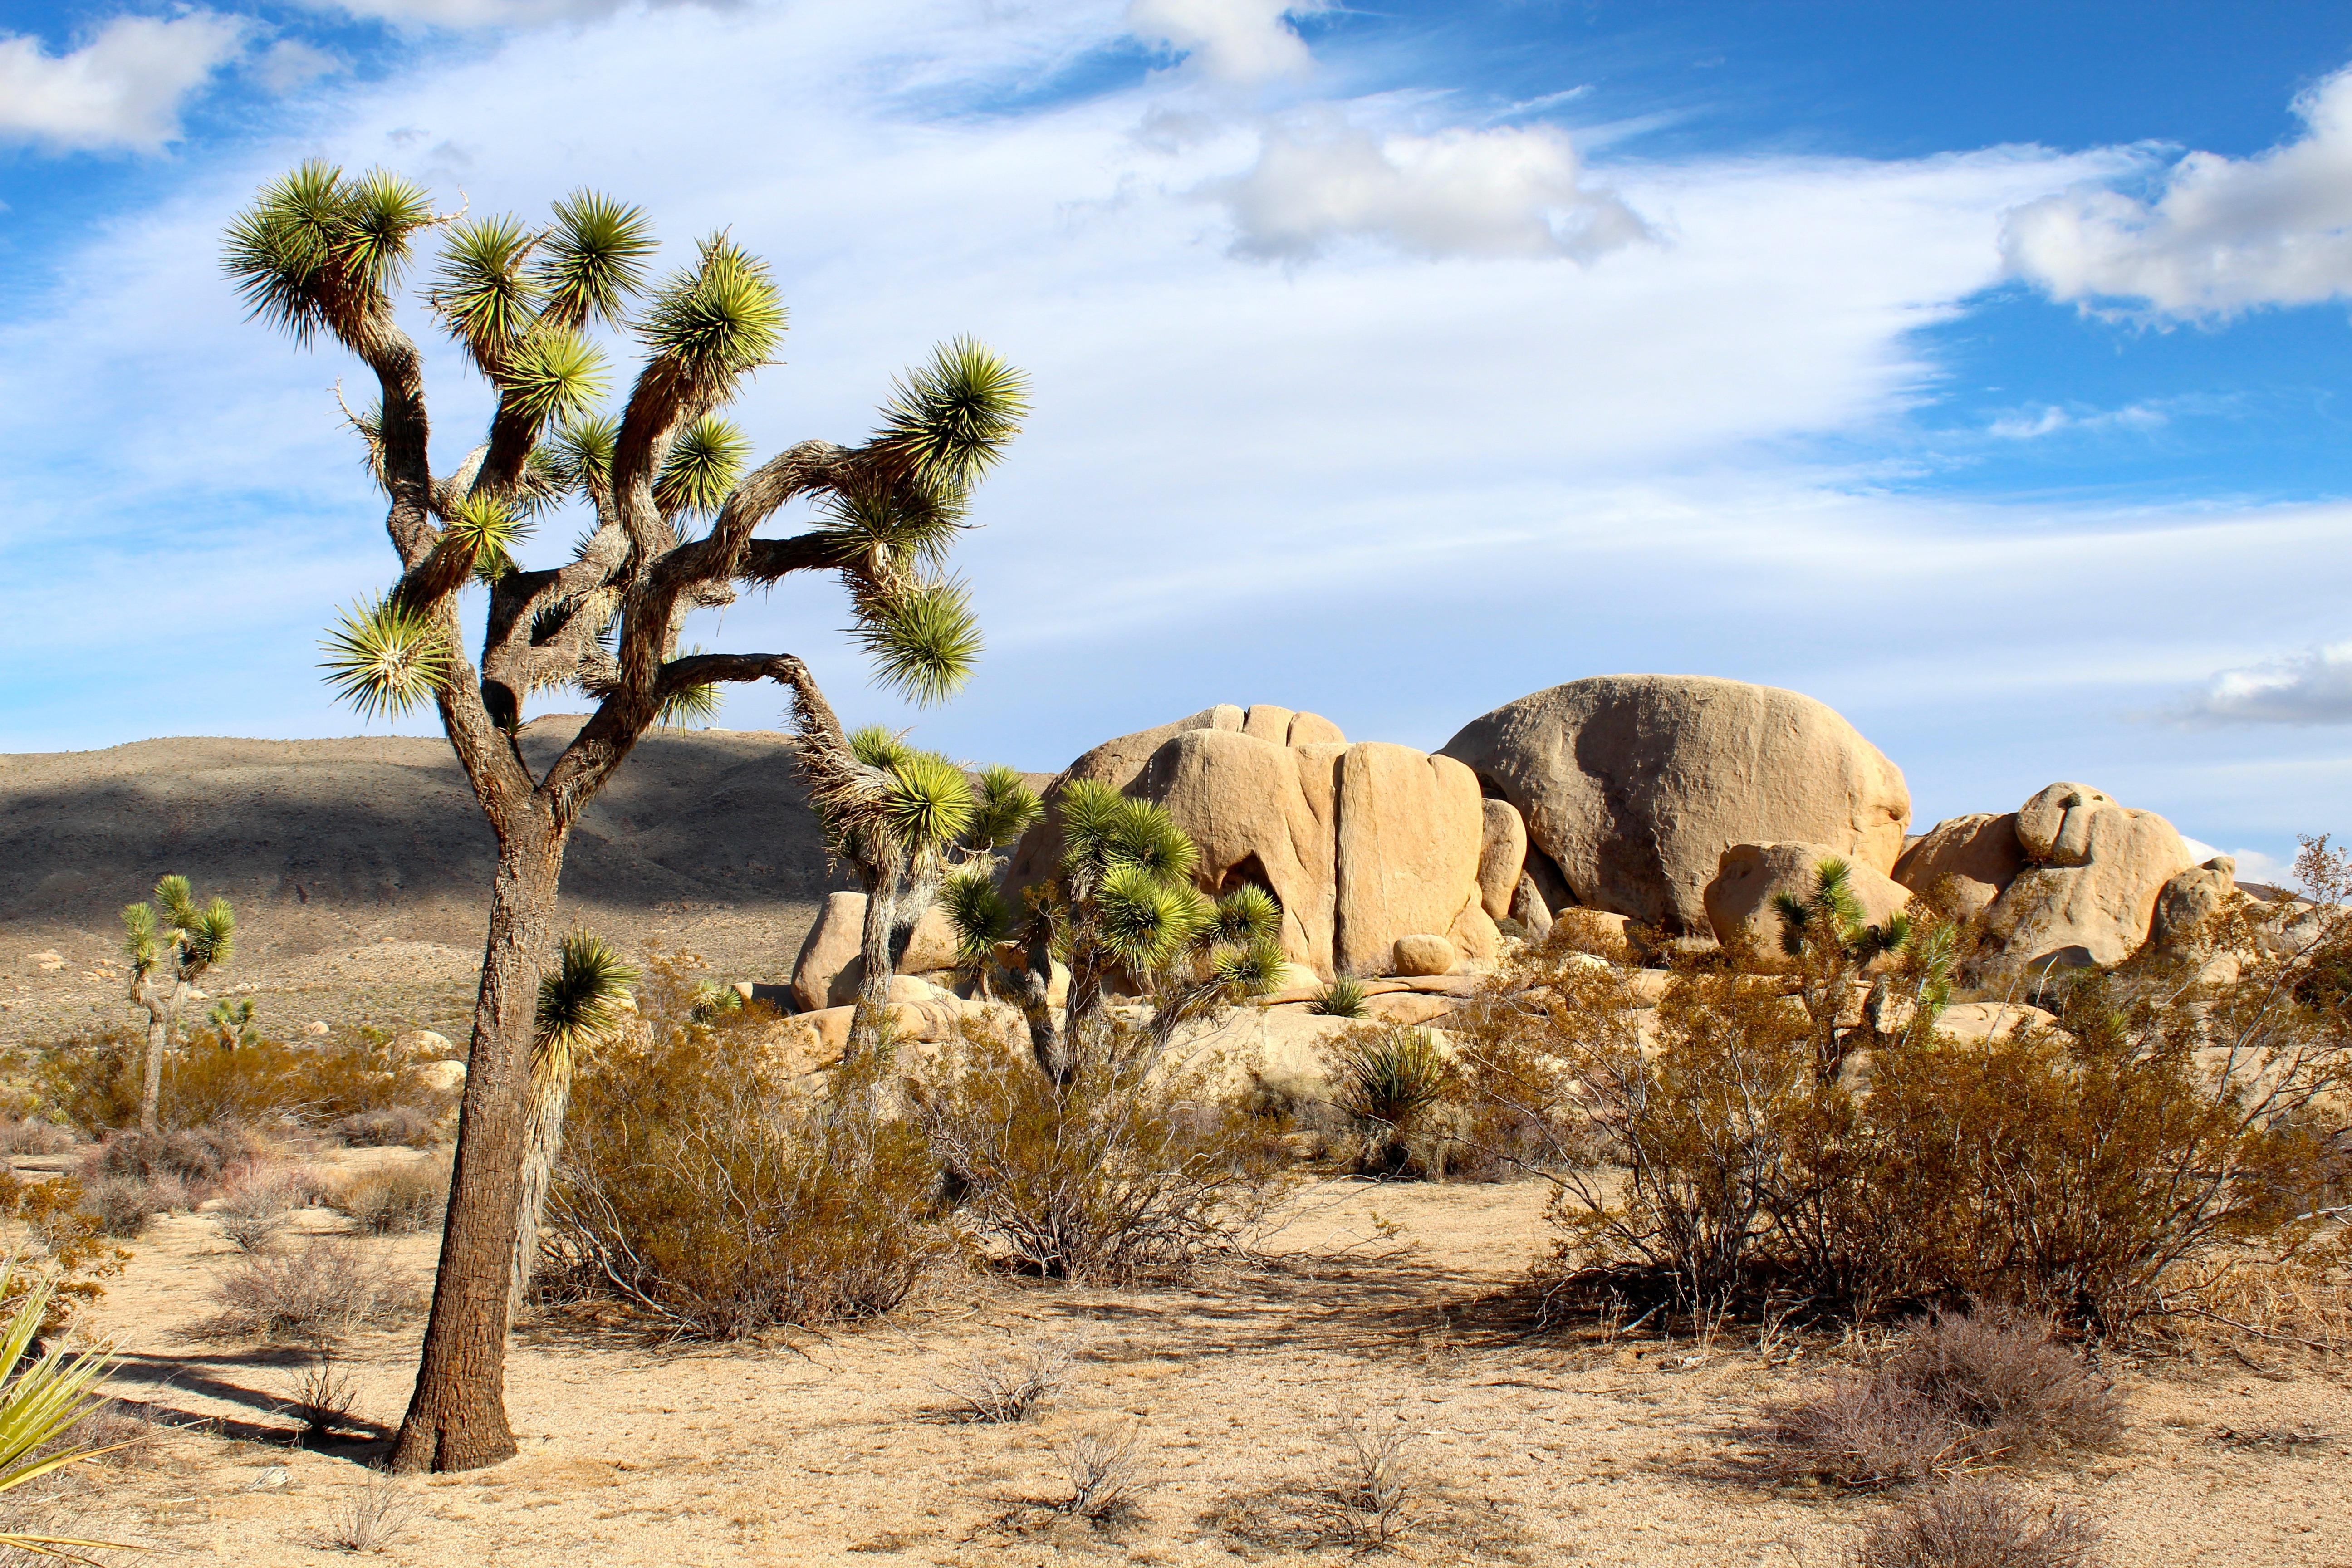 76805 Заставки и Обои Песок на телефон. Скачать Природа, Песок, Национальный Парк, Джошуа, Мохаве картинки бесплатно